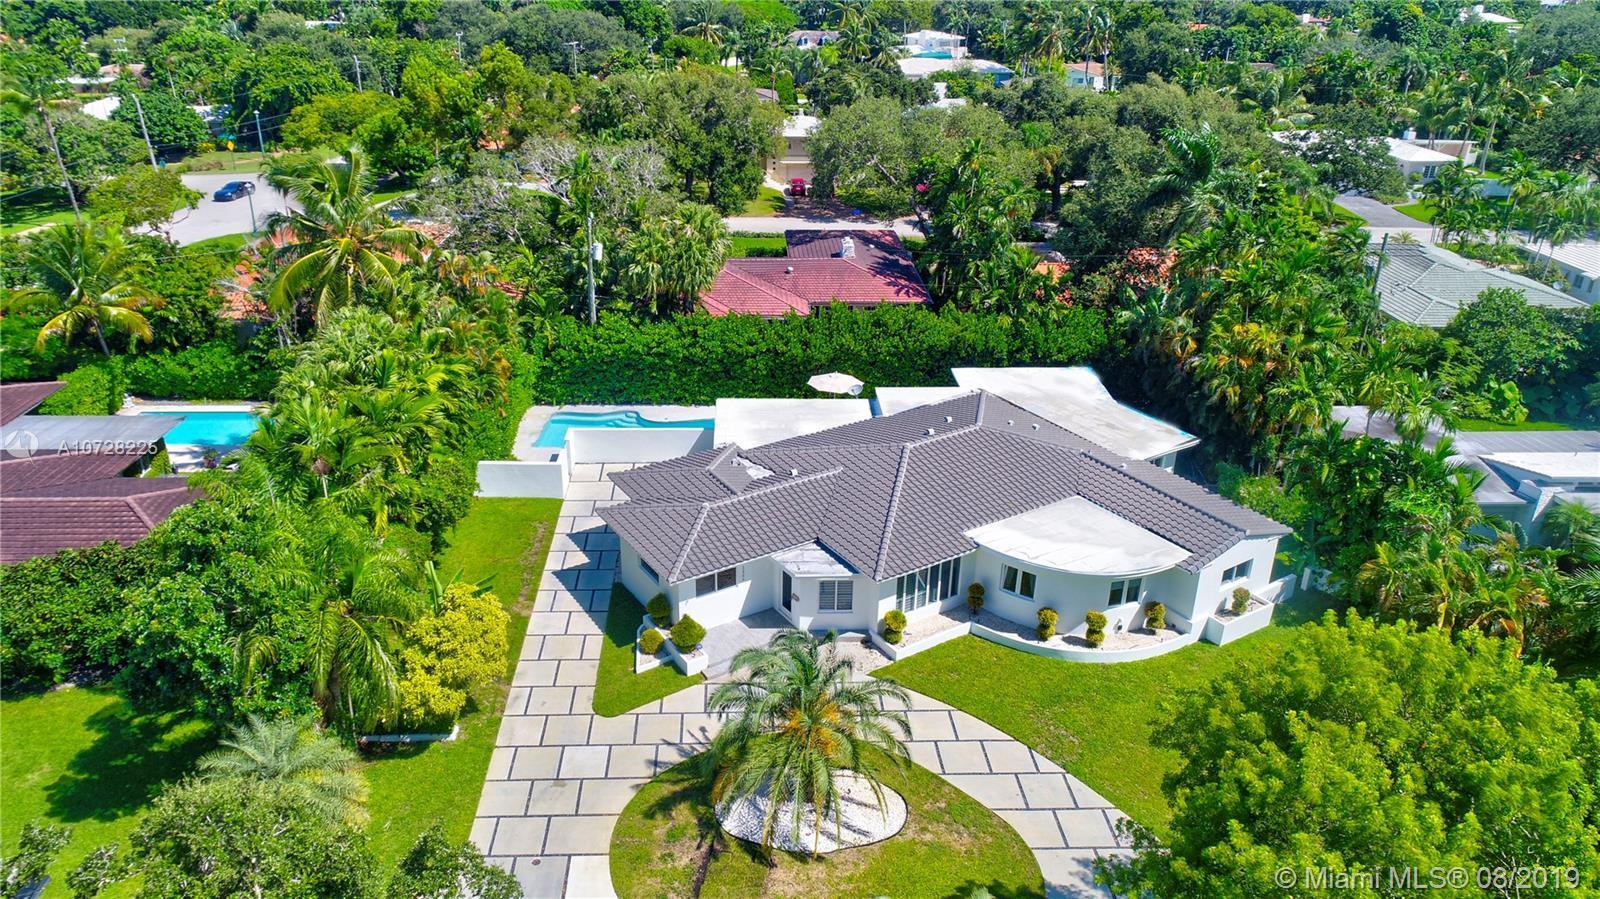 1209 NE 98th St, Miami Shores, FL, 33138